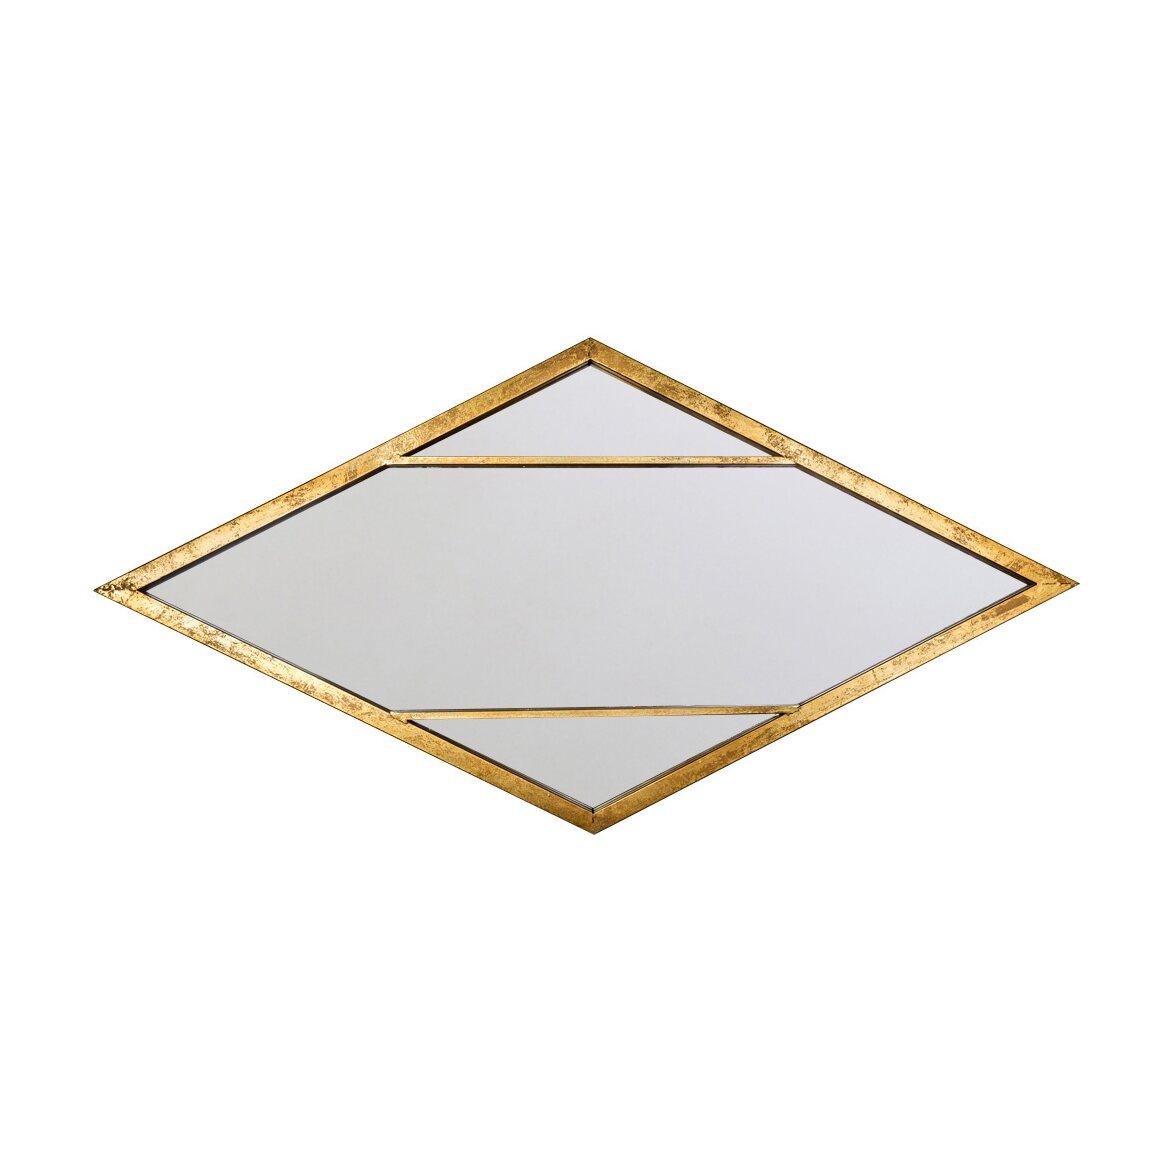 Настенное зеркало «Санторини» 2 | Настенные зеркала Kingsby